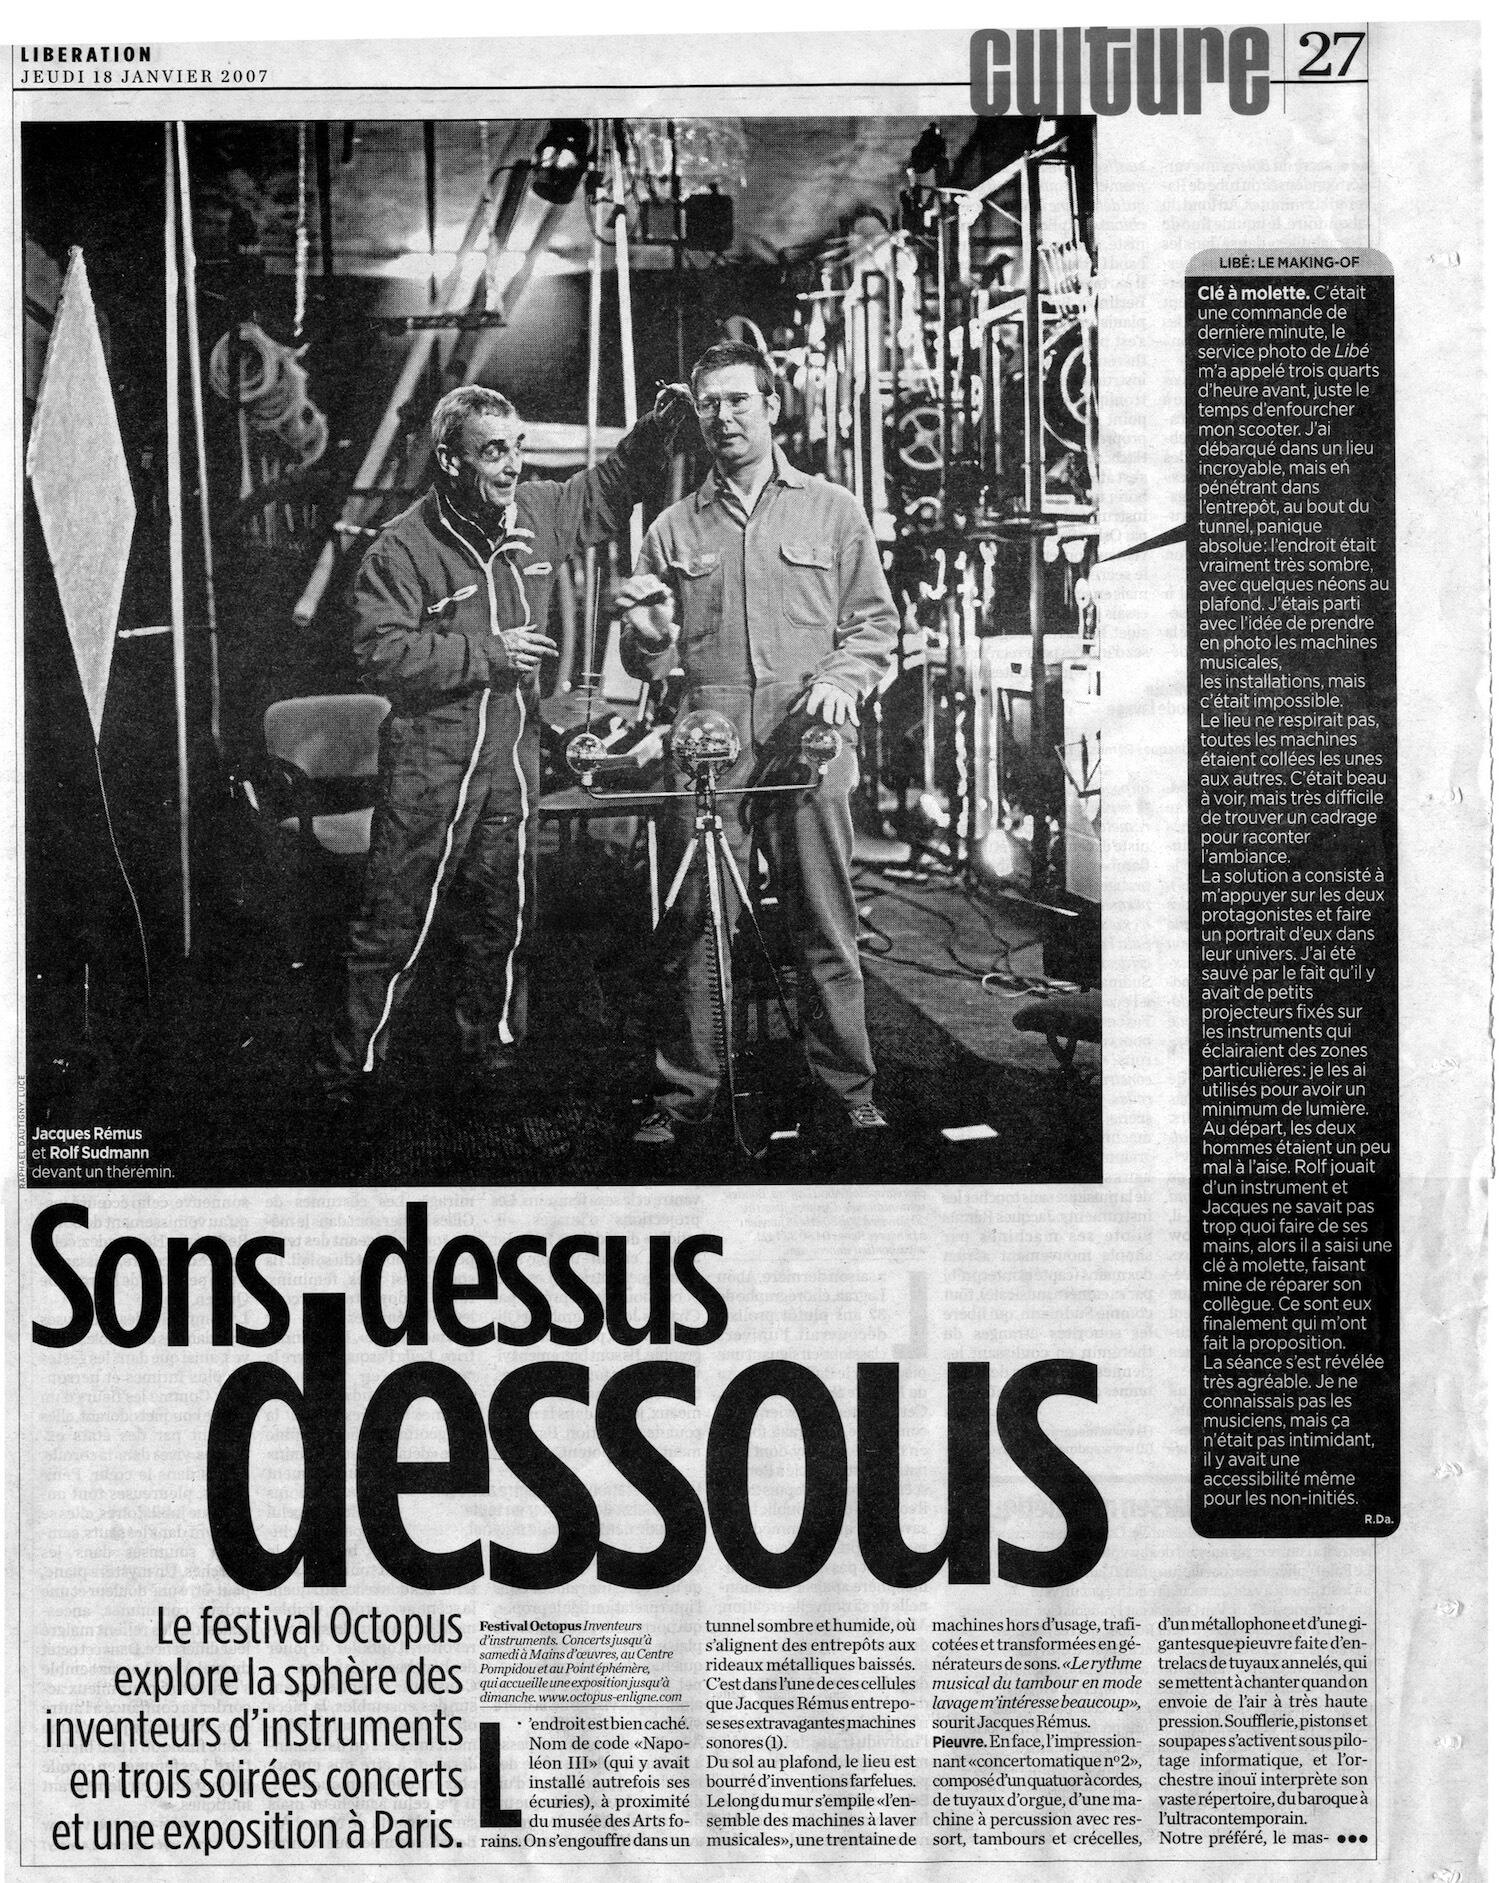 Article de presse avec photo montrant deux hommes entourées d'instrument et machines musicales robotisées